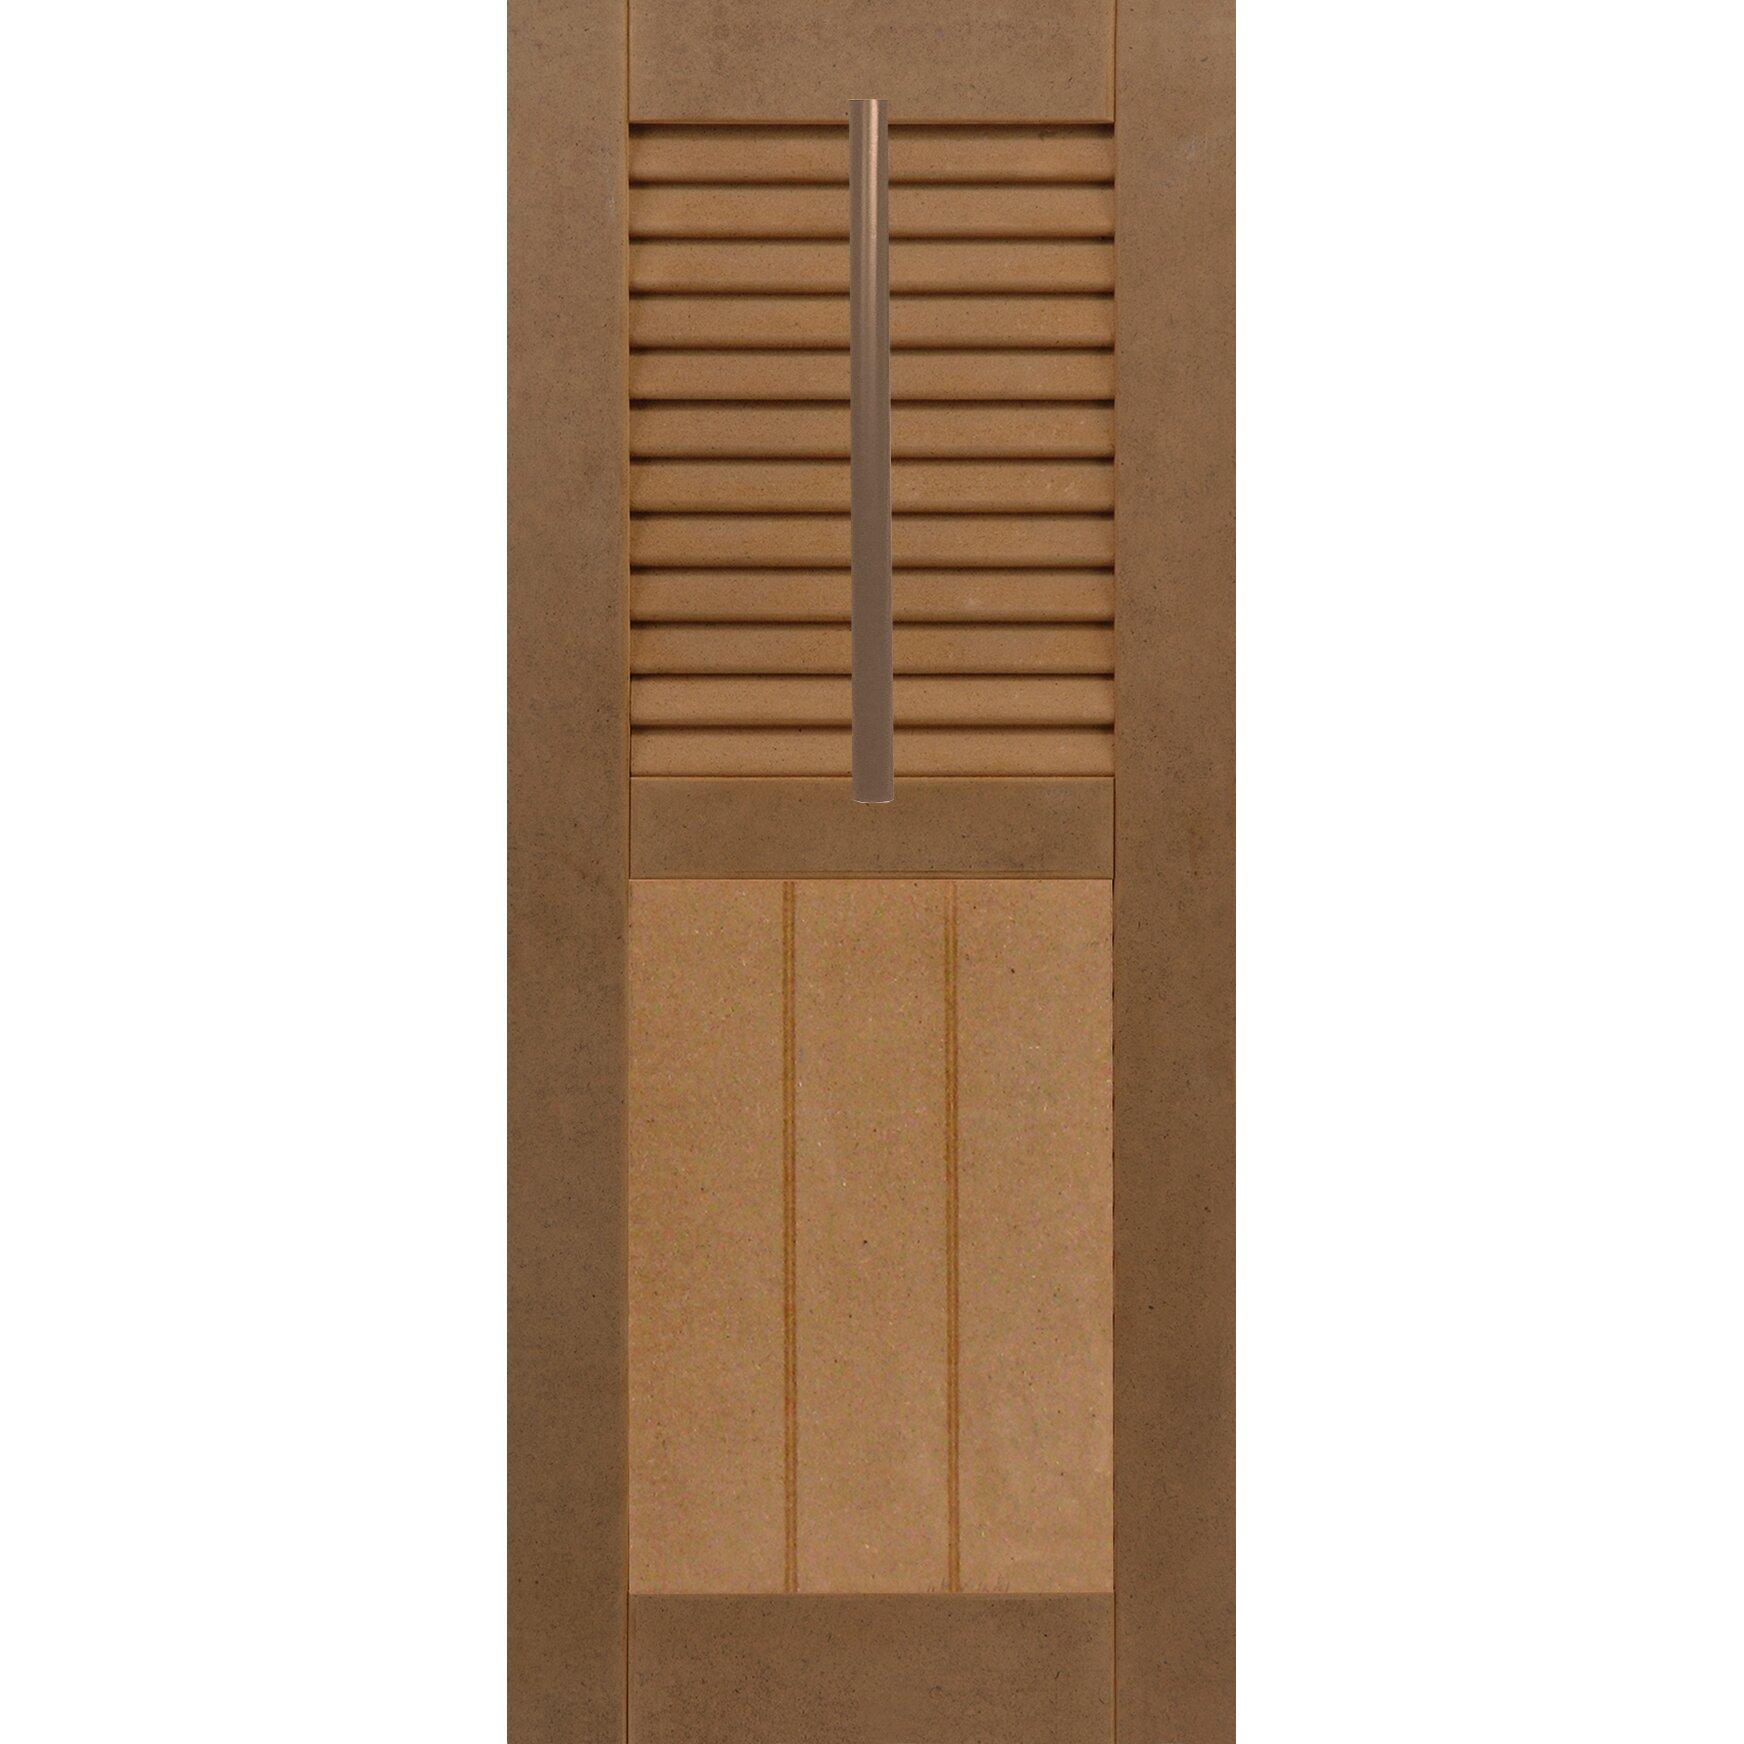 Shutters by design rockbridge louvre framed board and - Framed board and batten exterior shutters ...